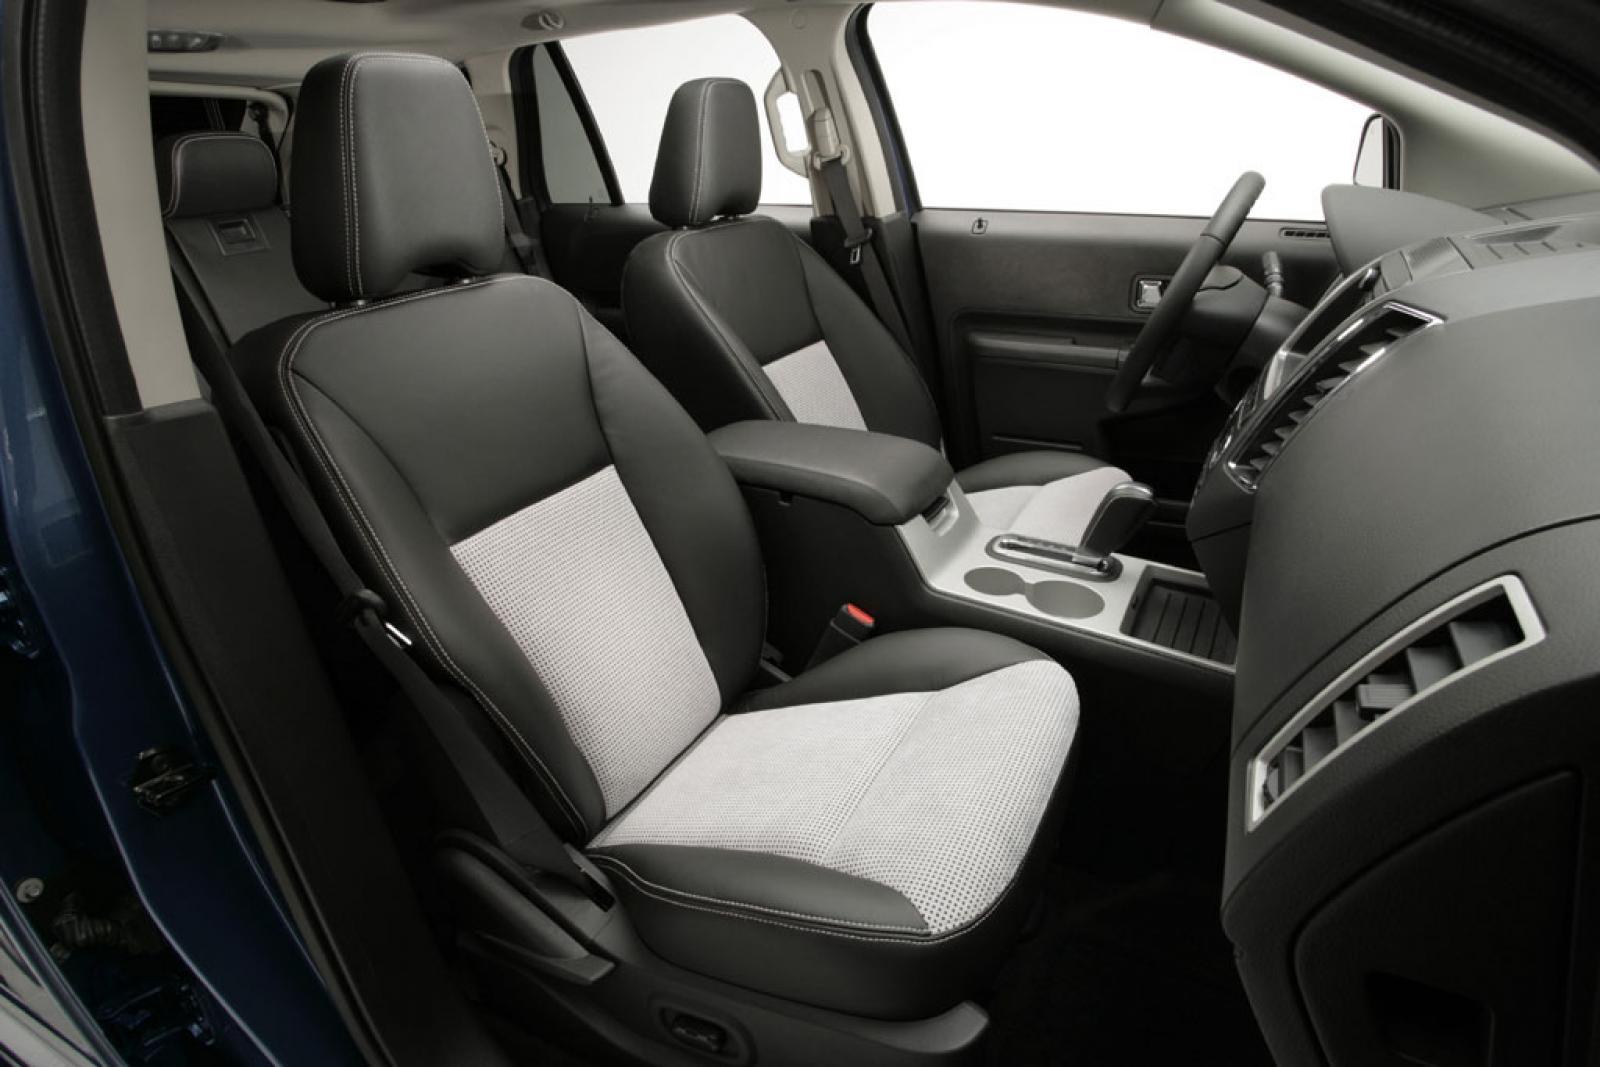 800 1024 1280 1600 origin 2009 ford edge